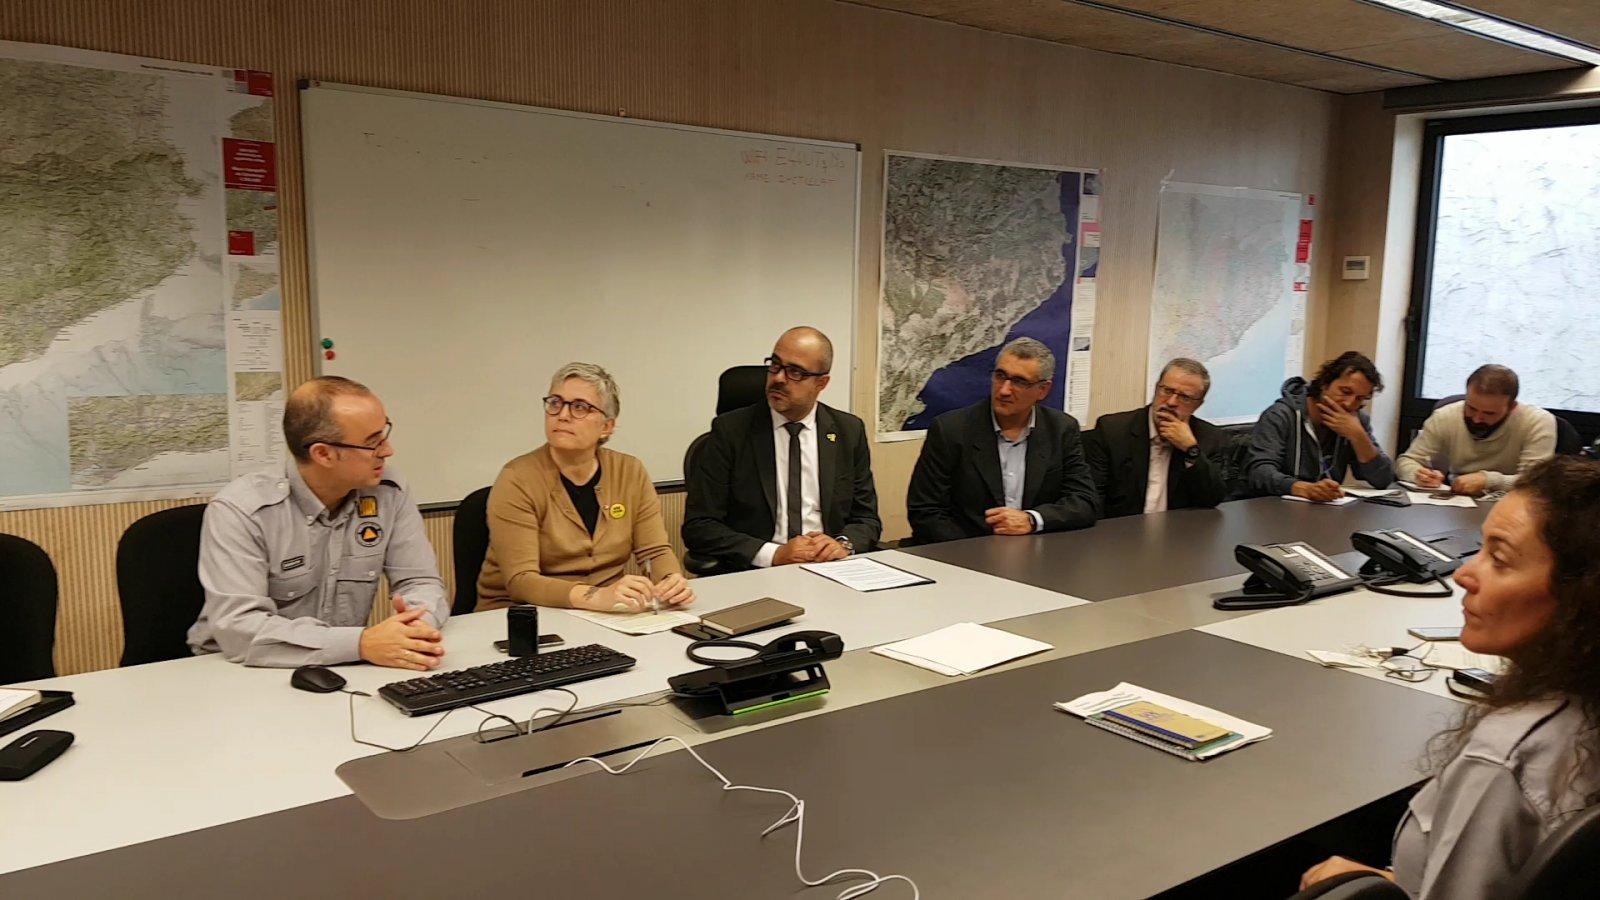 El conseller Buch i la resta de responsables d'A4CAT durant la presentació al CECAT